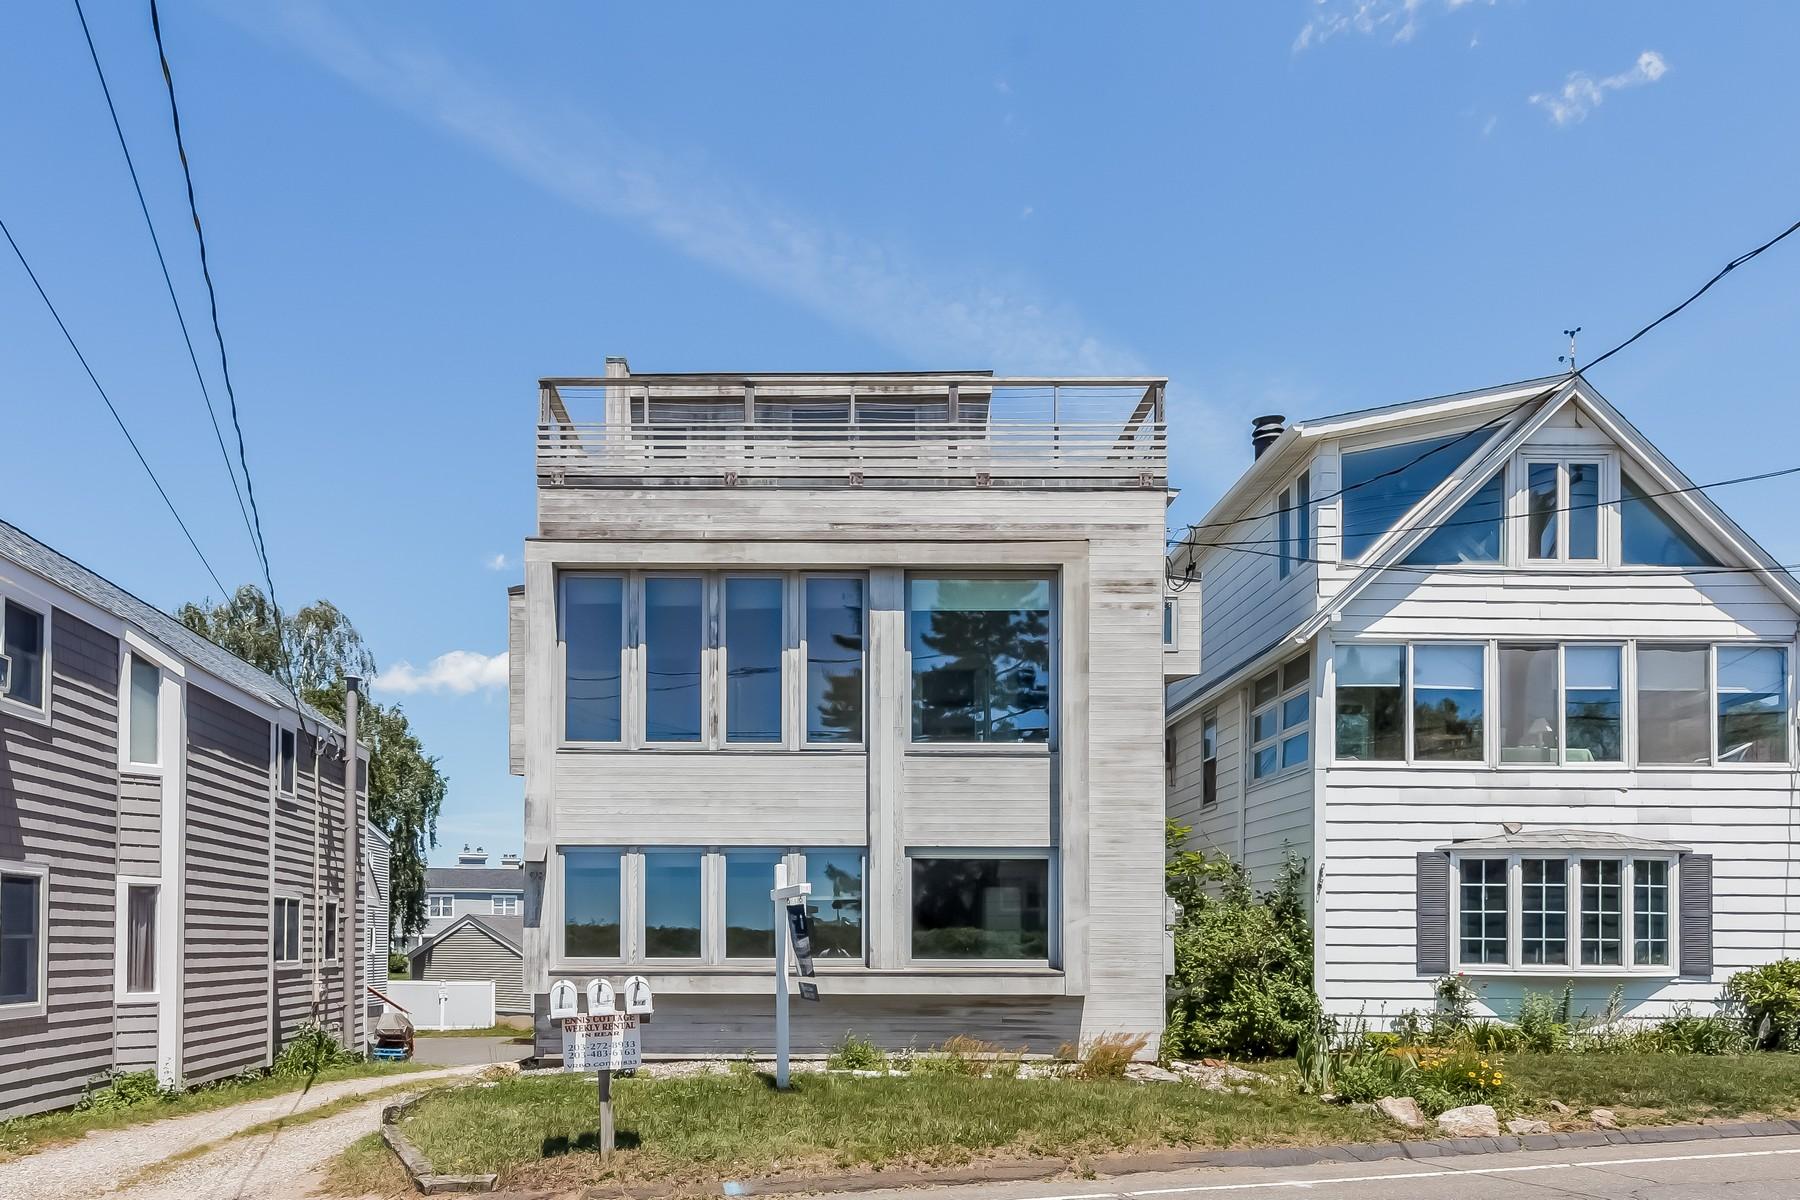 一戸建て のために 売買 アット Stunning Views 98 Limewood Ave Branford, コネチカット, 06405 アメリカ合衆国